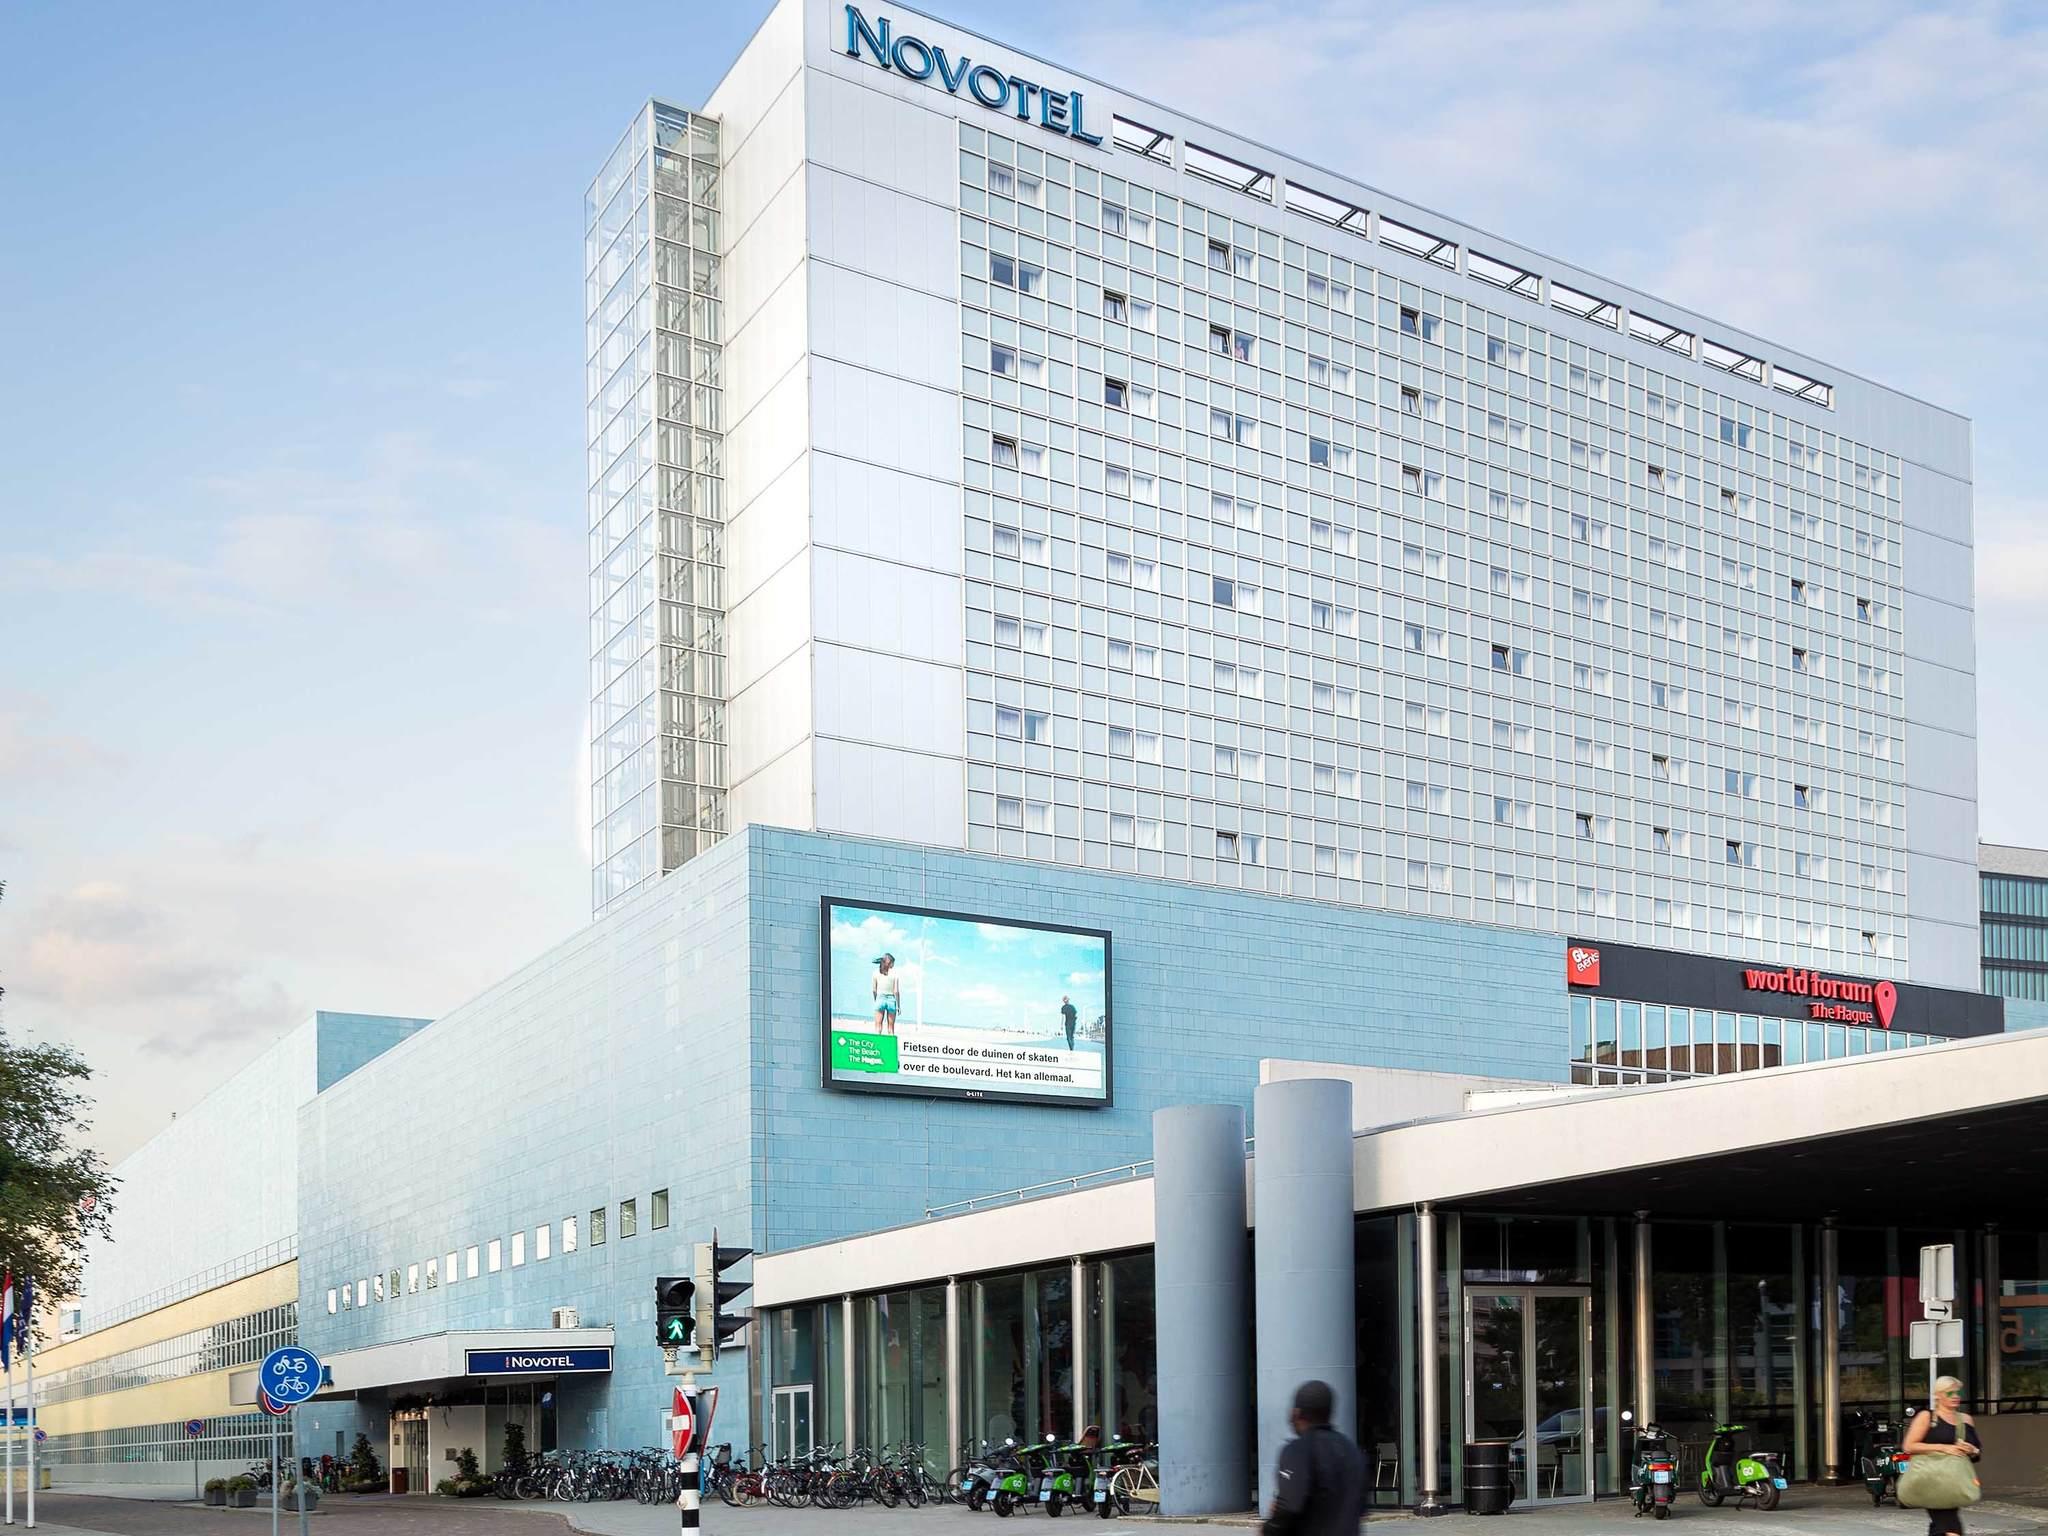 فندق - نوفوتيل Novotel دين هاغ وارلد فوروم